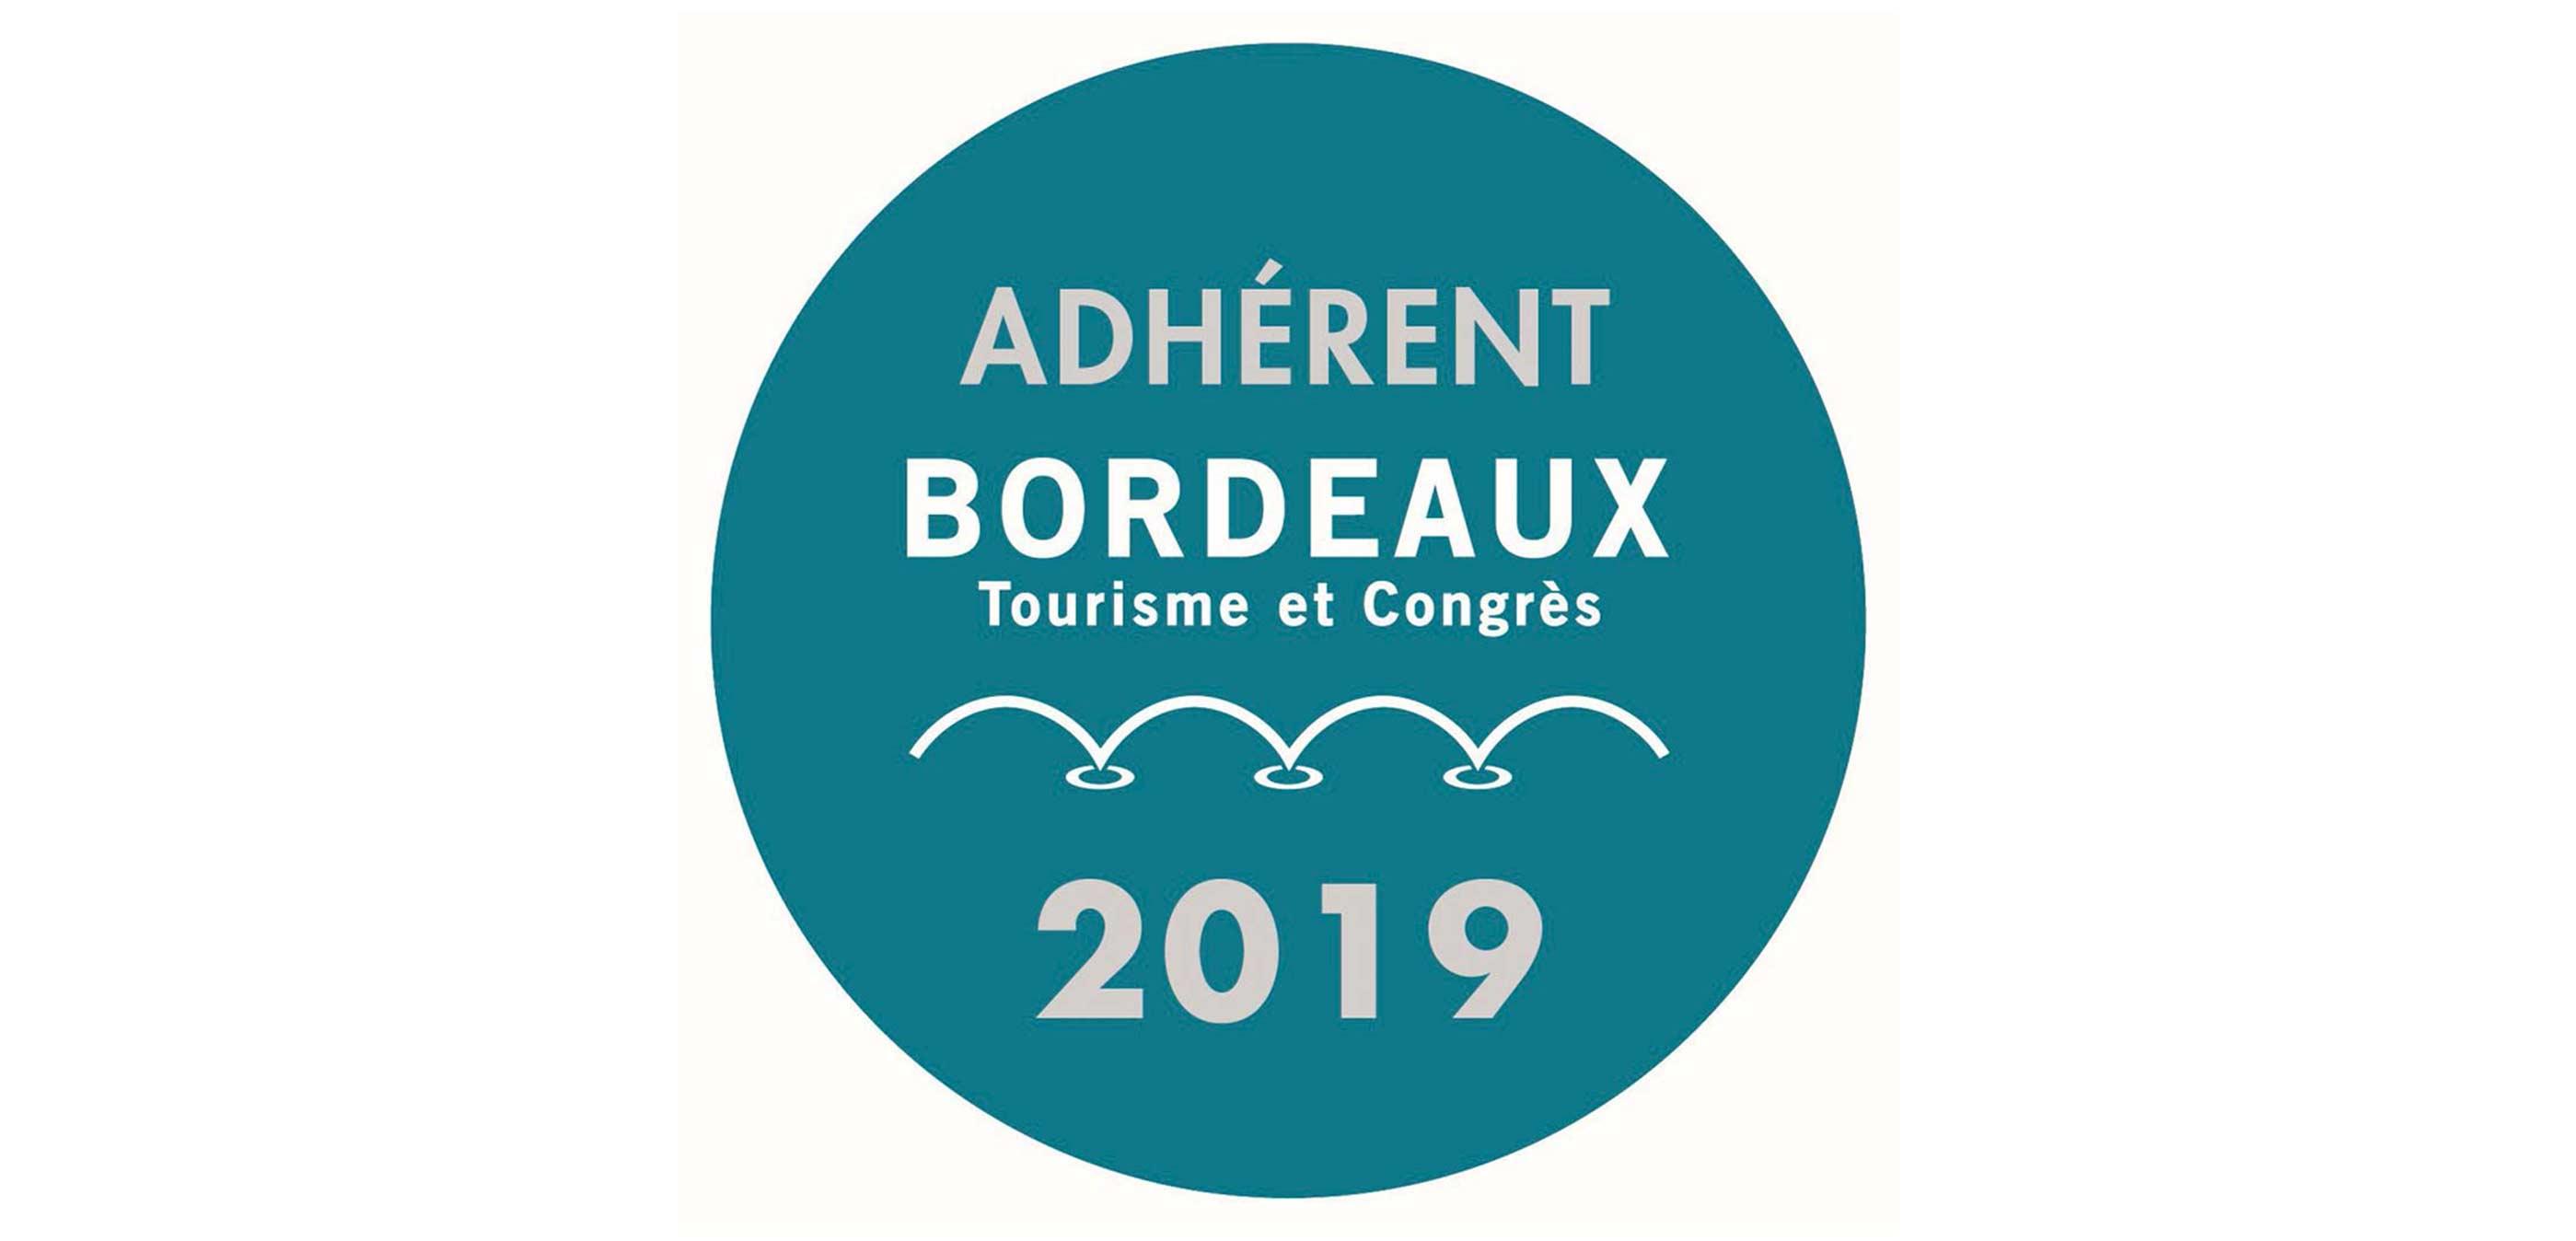 adherent 2019